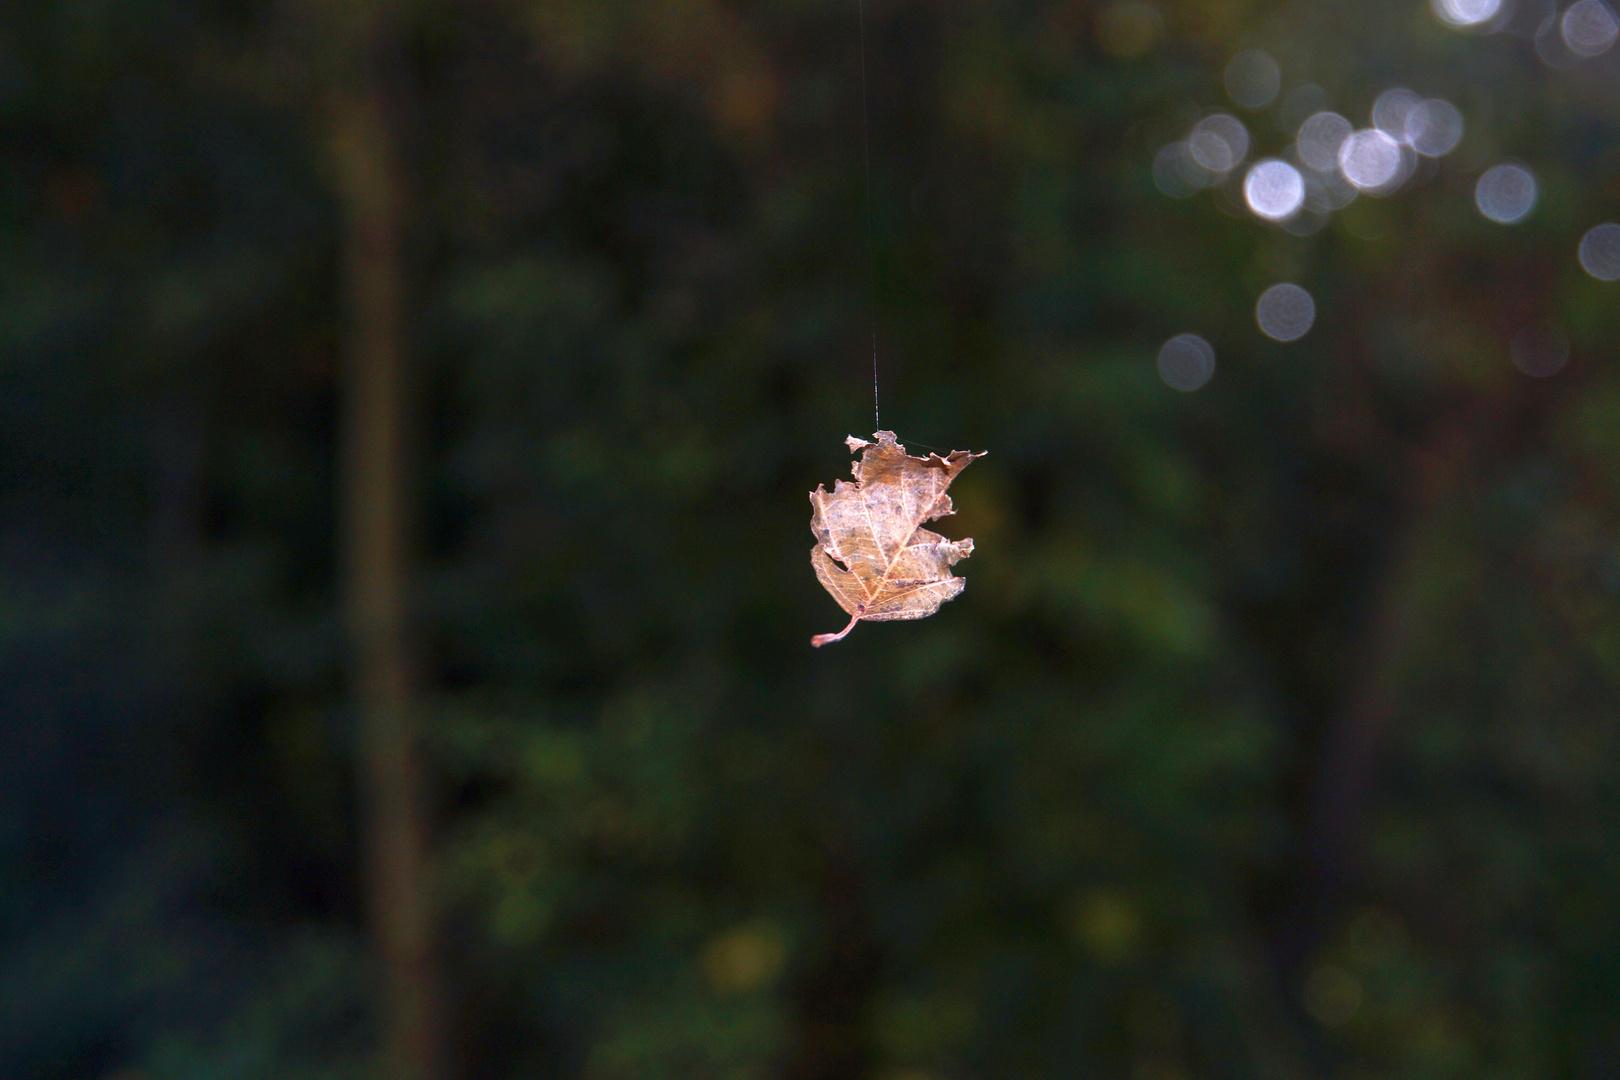 Blatt im Wind, getragen von einem Spinnenfaden